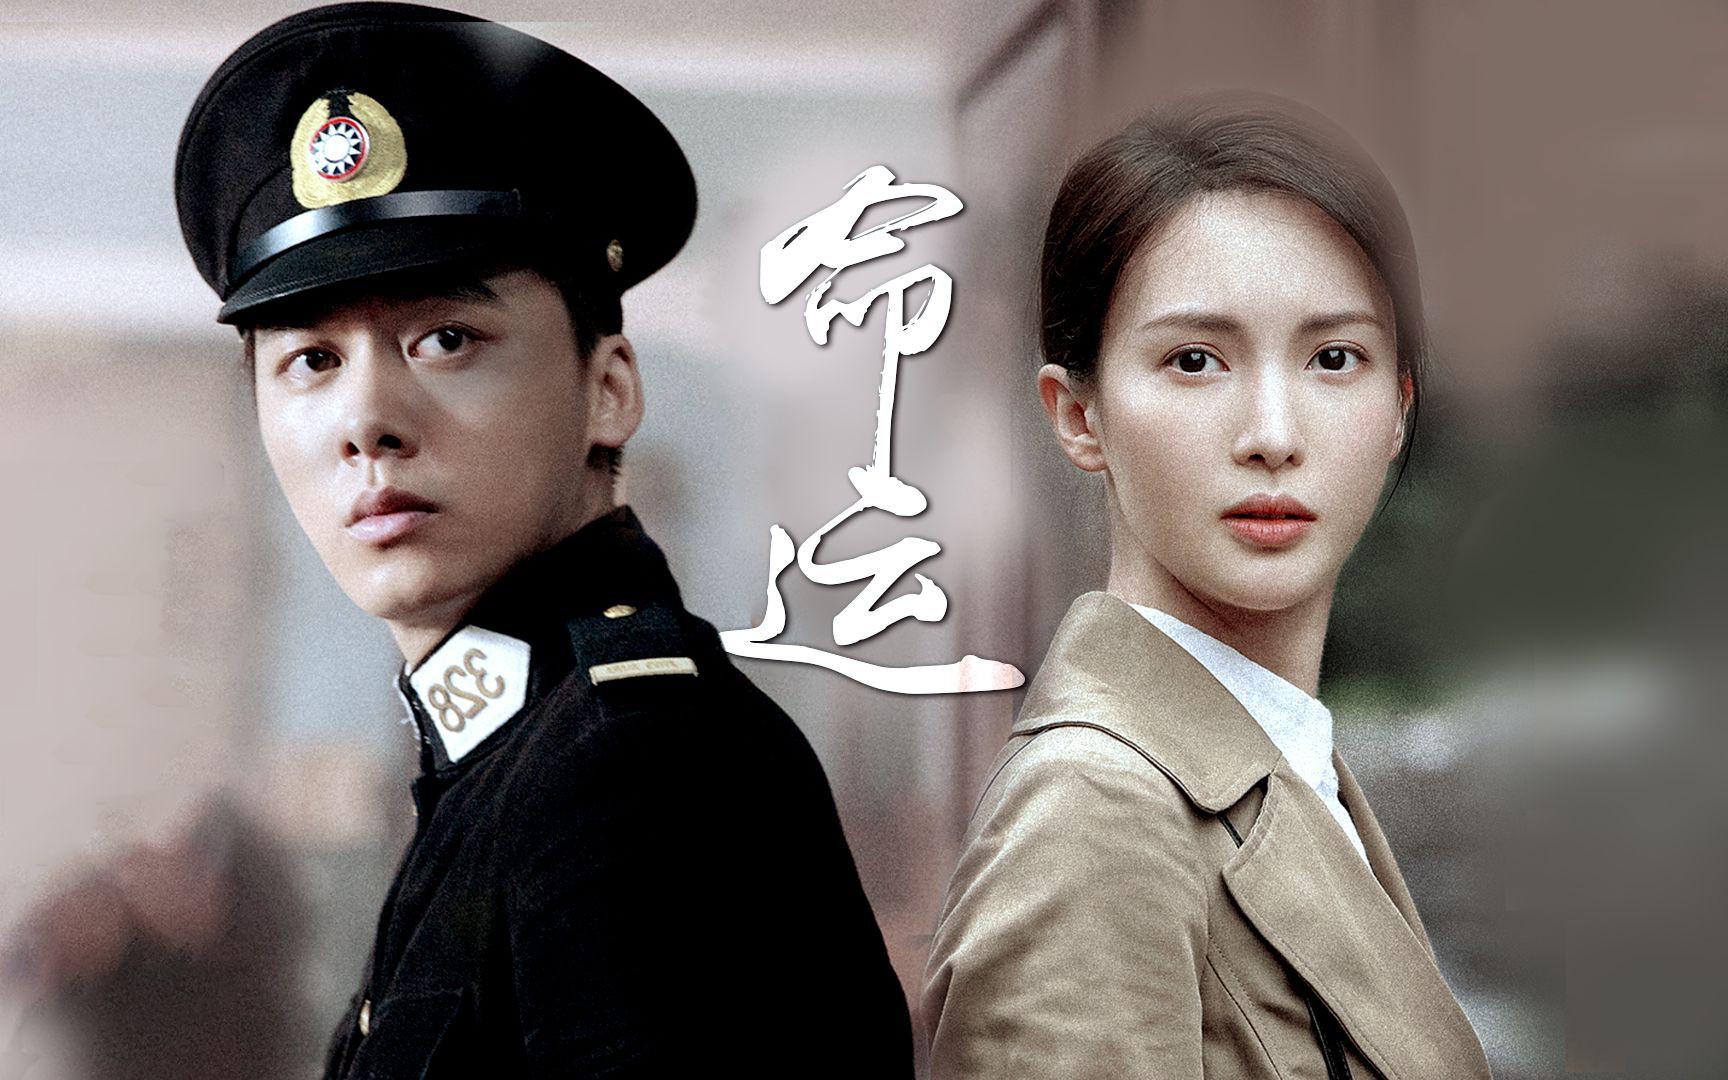 Sức hút mãnh liệt của Lý Dịch Phong: Trước thông báo hạn chế phim của Cục Quảng Điện vẫn vững vàng đồng hành với 3 bộ phim - Ảnh 9.